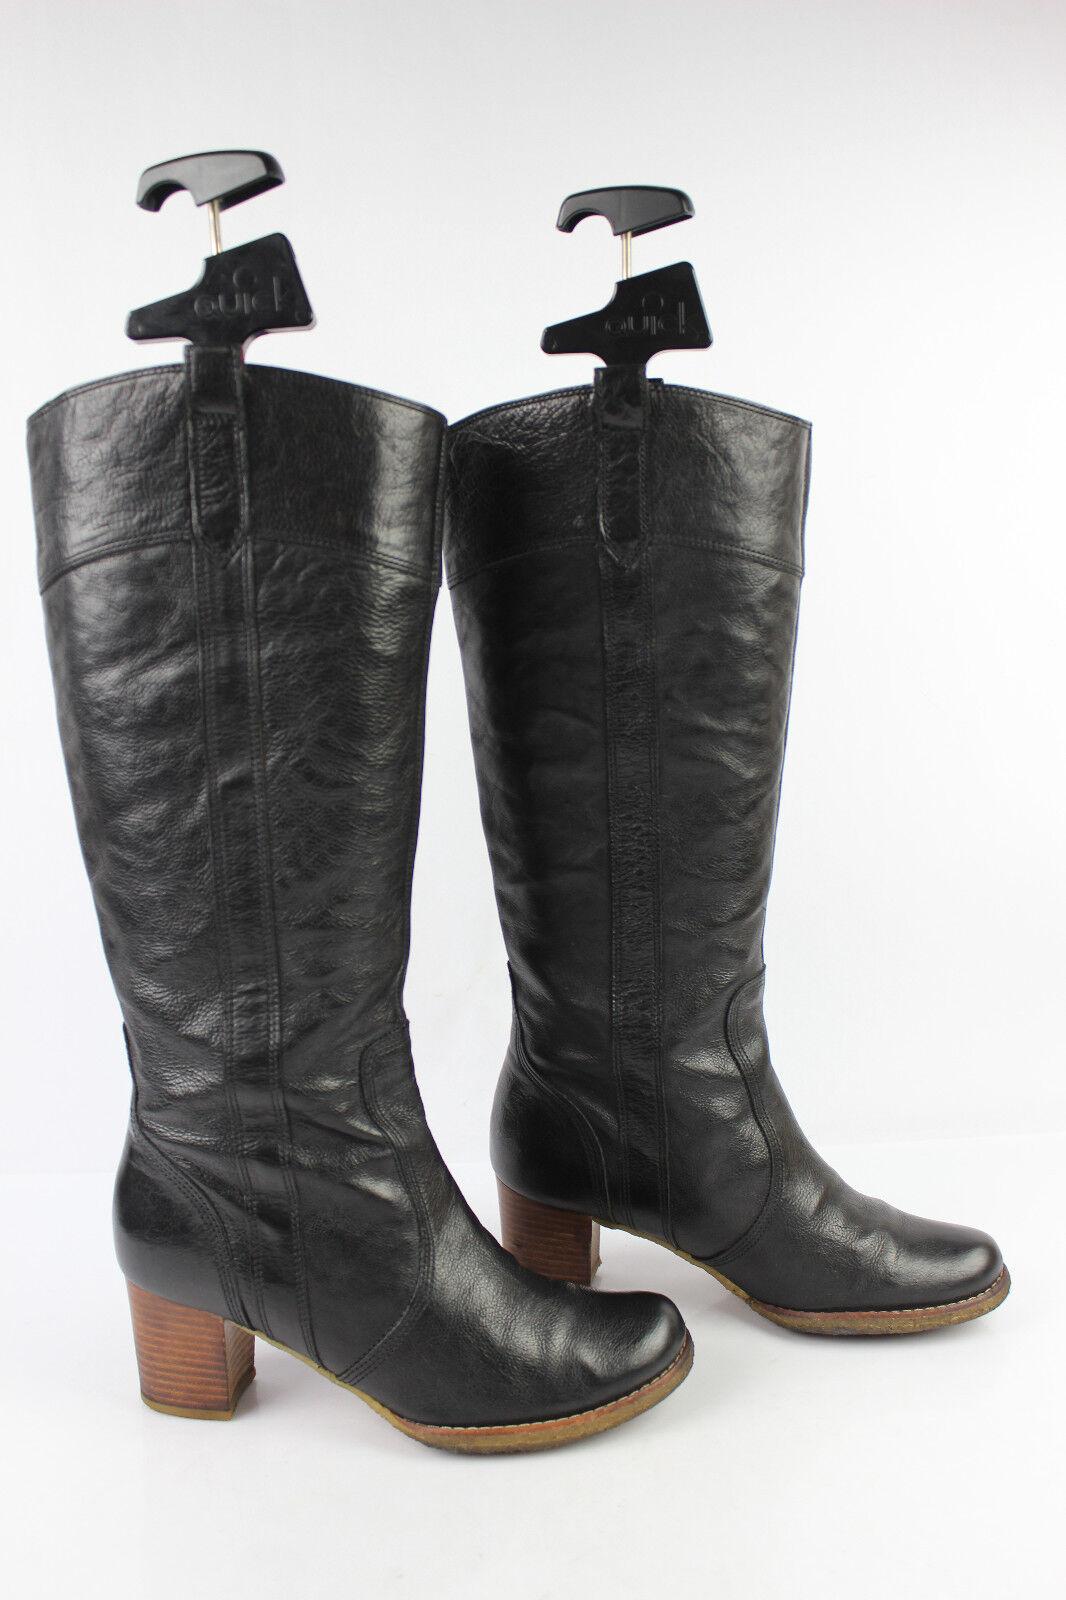 Stiefel CAMPER schwarzes Leder t 37 guter Zustand